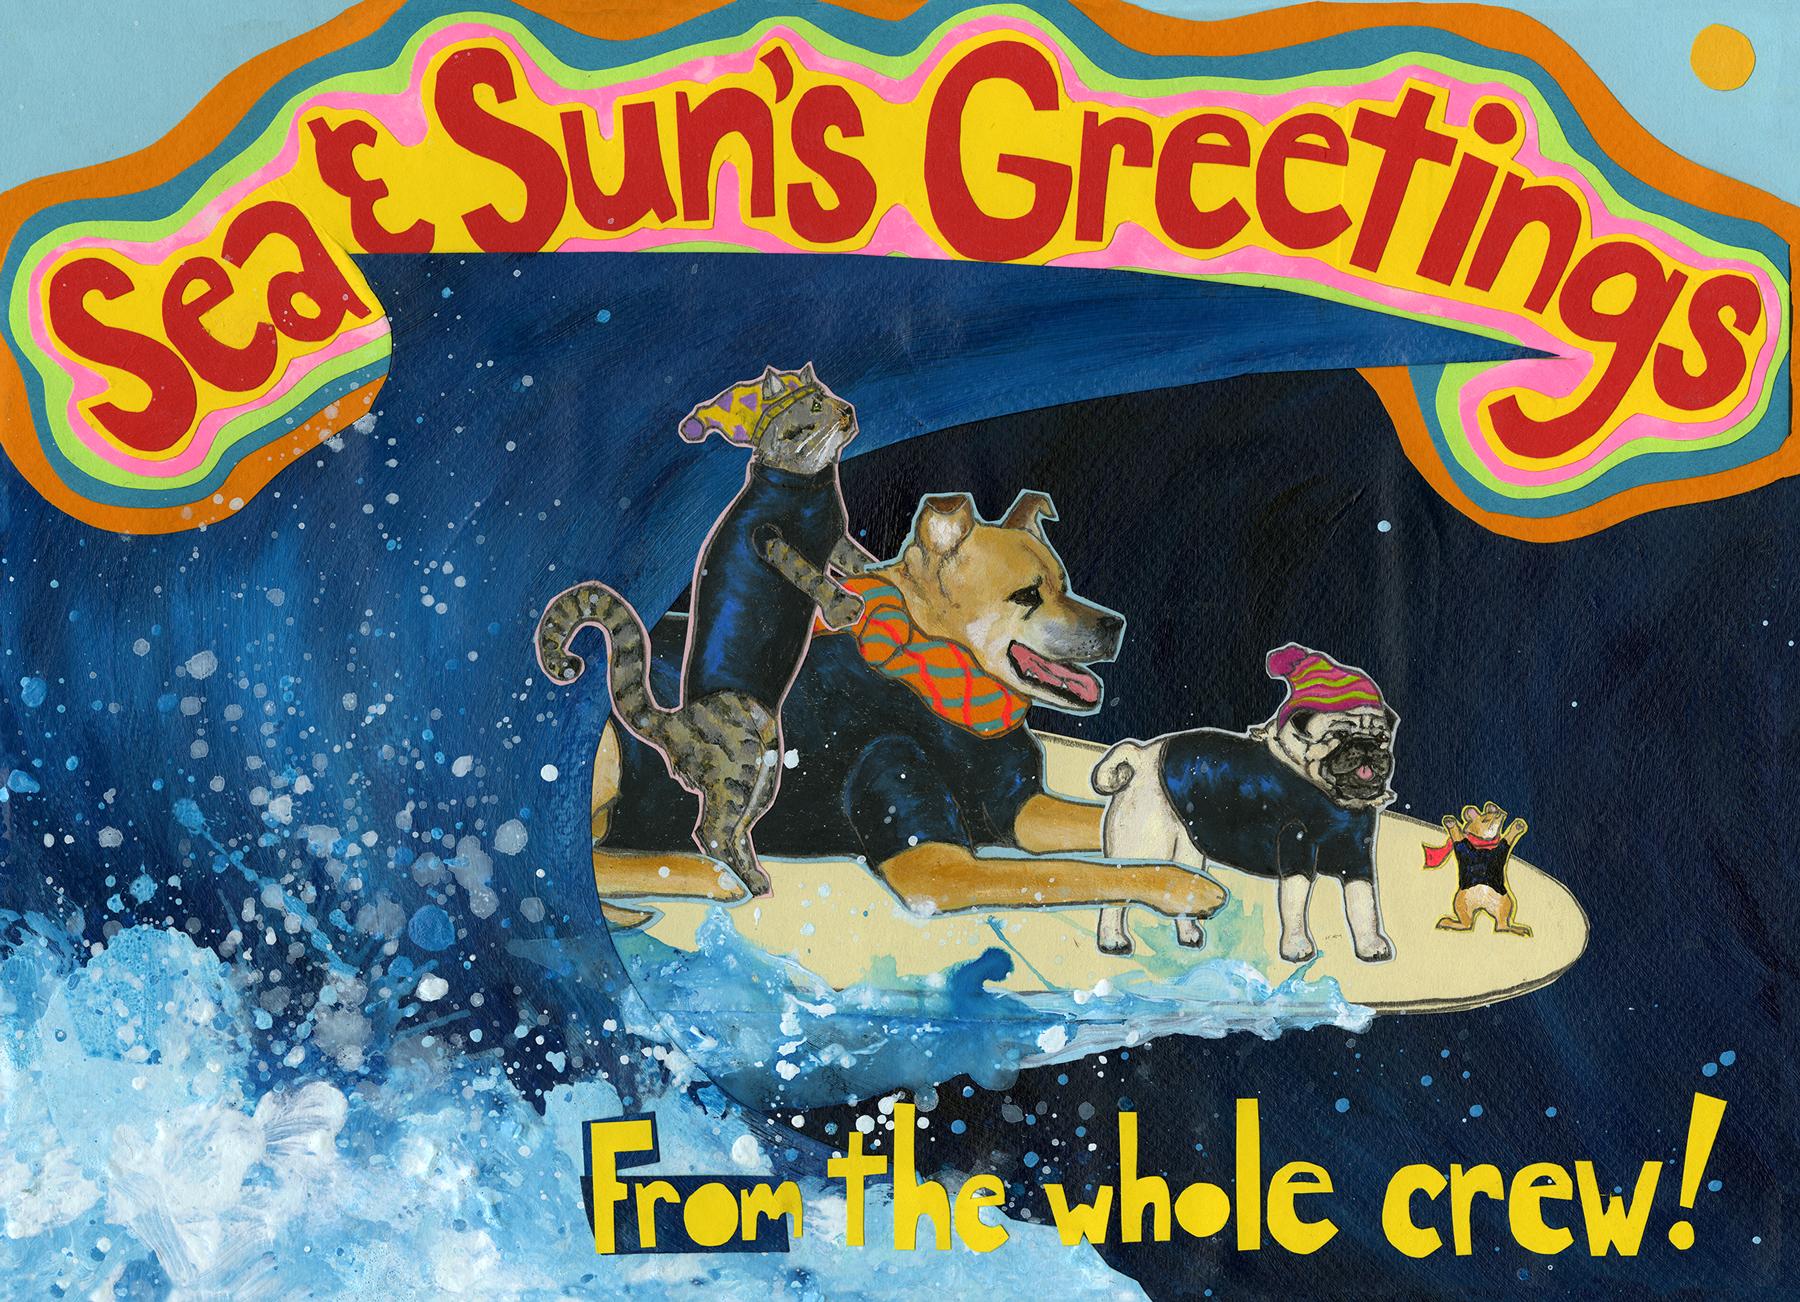 Sea&Sun's Greetings H20 (H20)